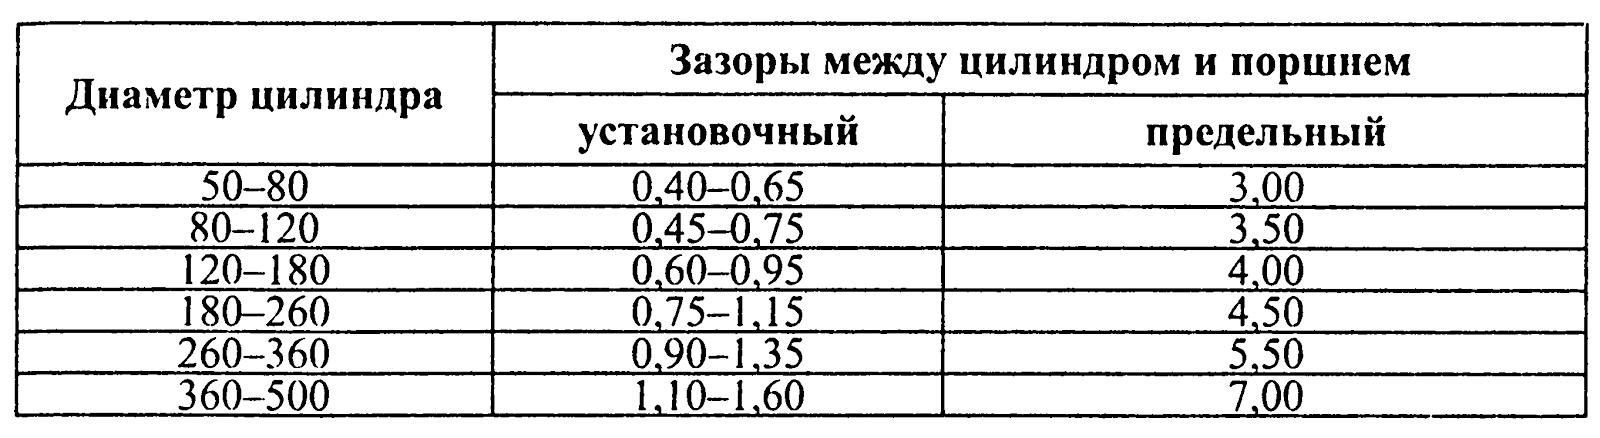 Фото №15 - допустимый зазор между поршнем и цилиндром ВАЗ 2110